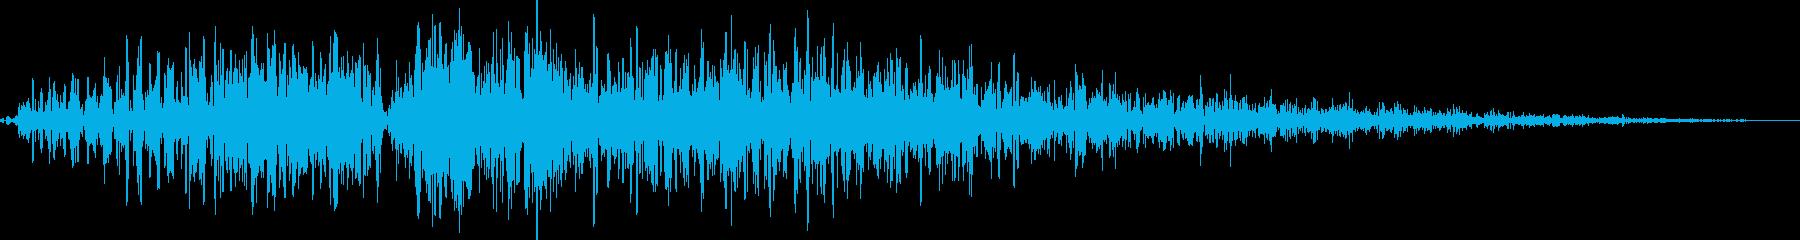 モンスター/ドラゴン/怪獣/息/火を噴くの再生済みの波形